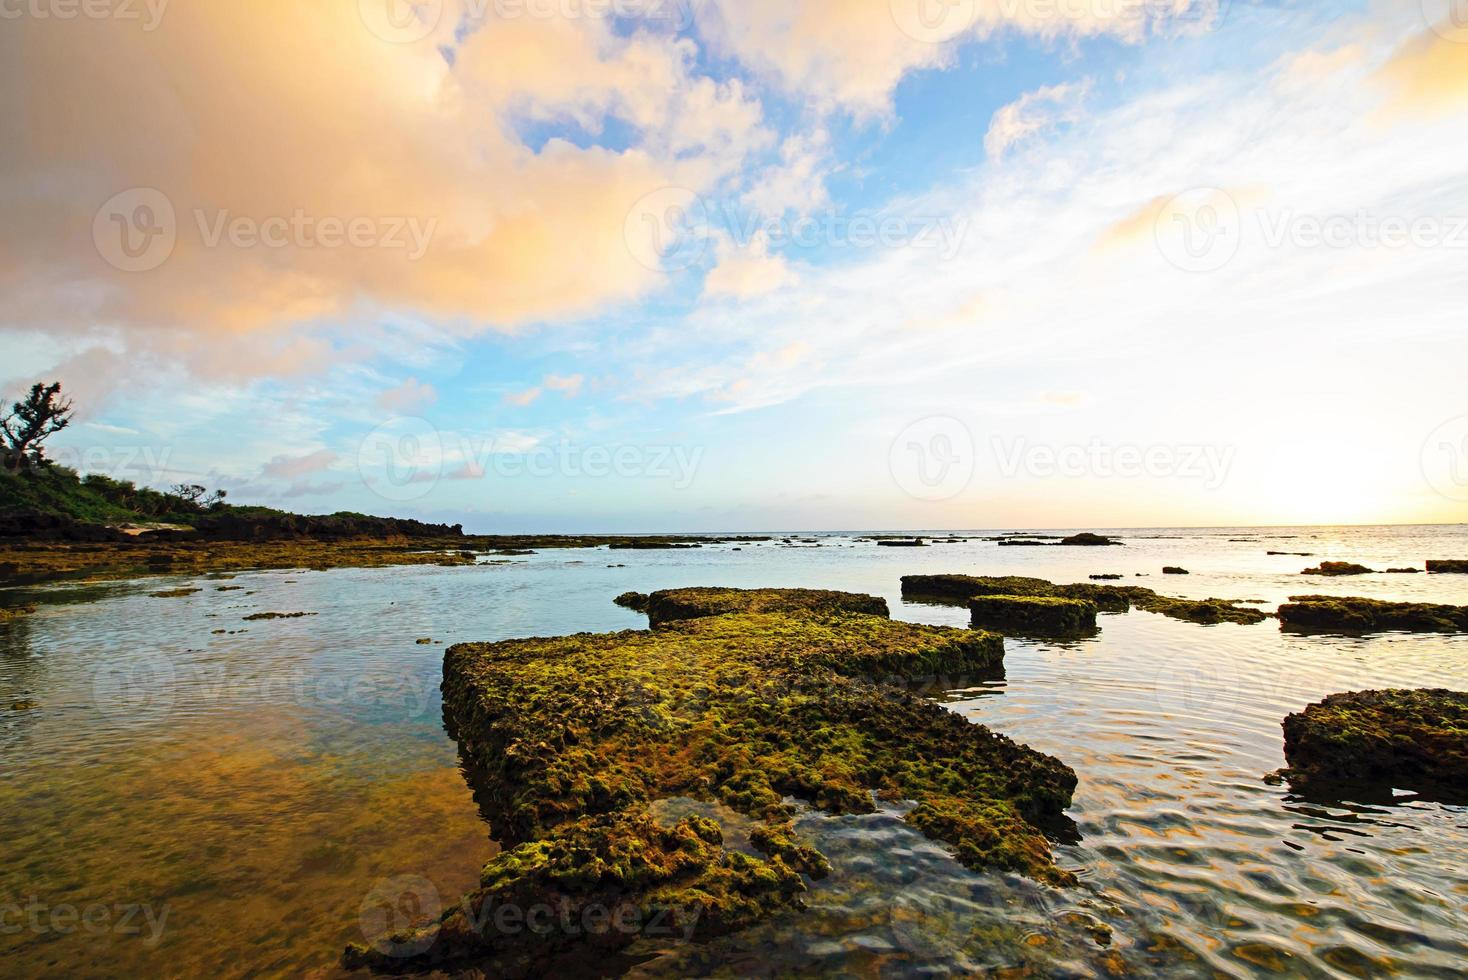 lindo pôr do sol e um belo recife, okinawa, japão foto